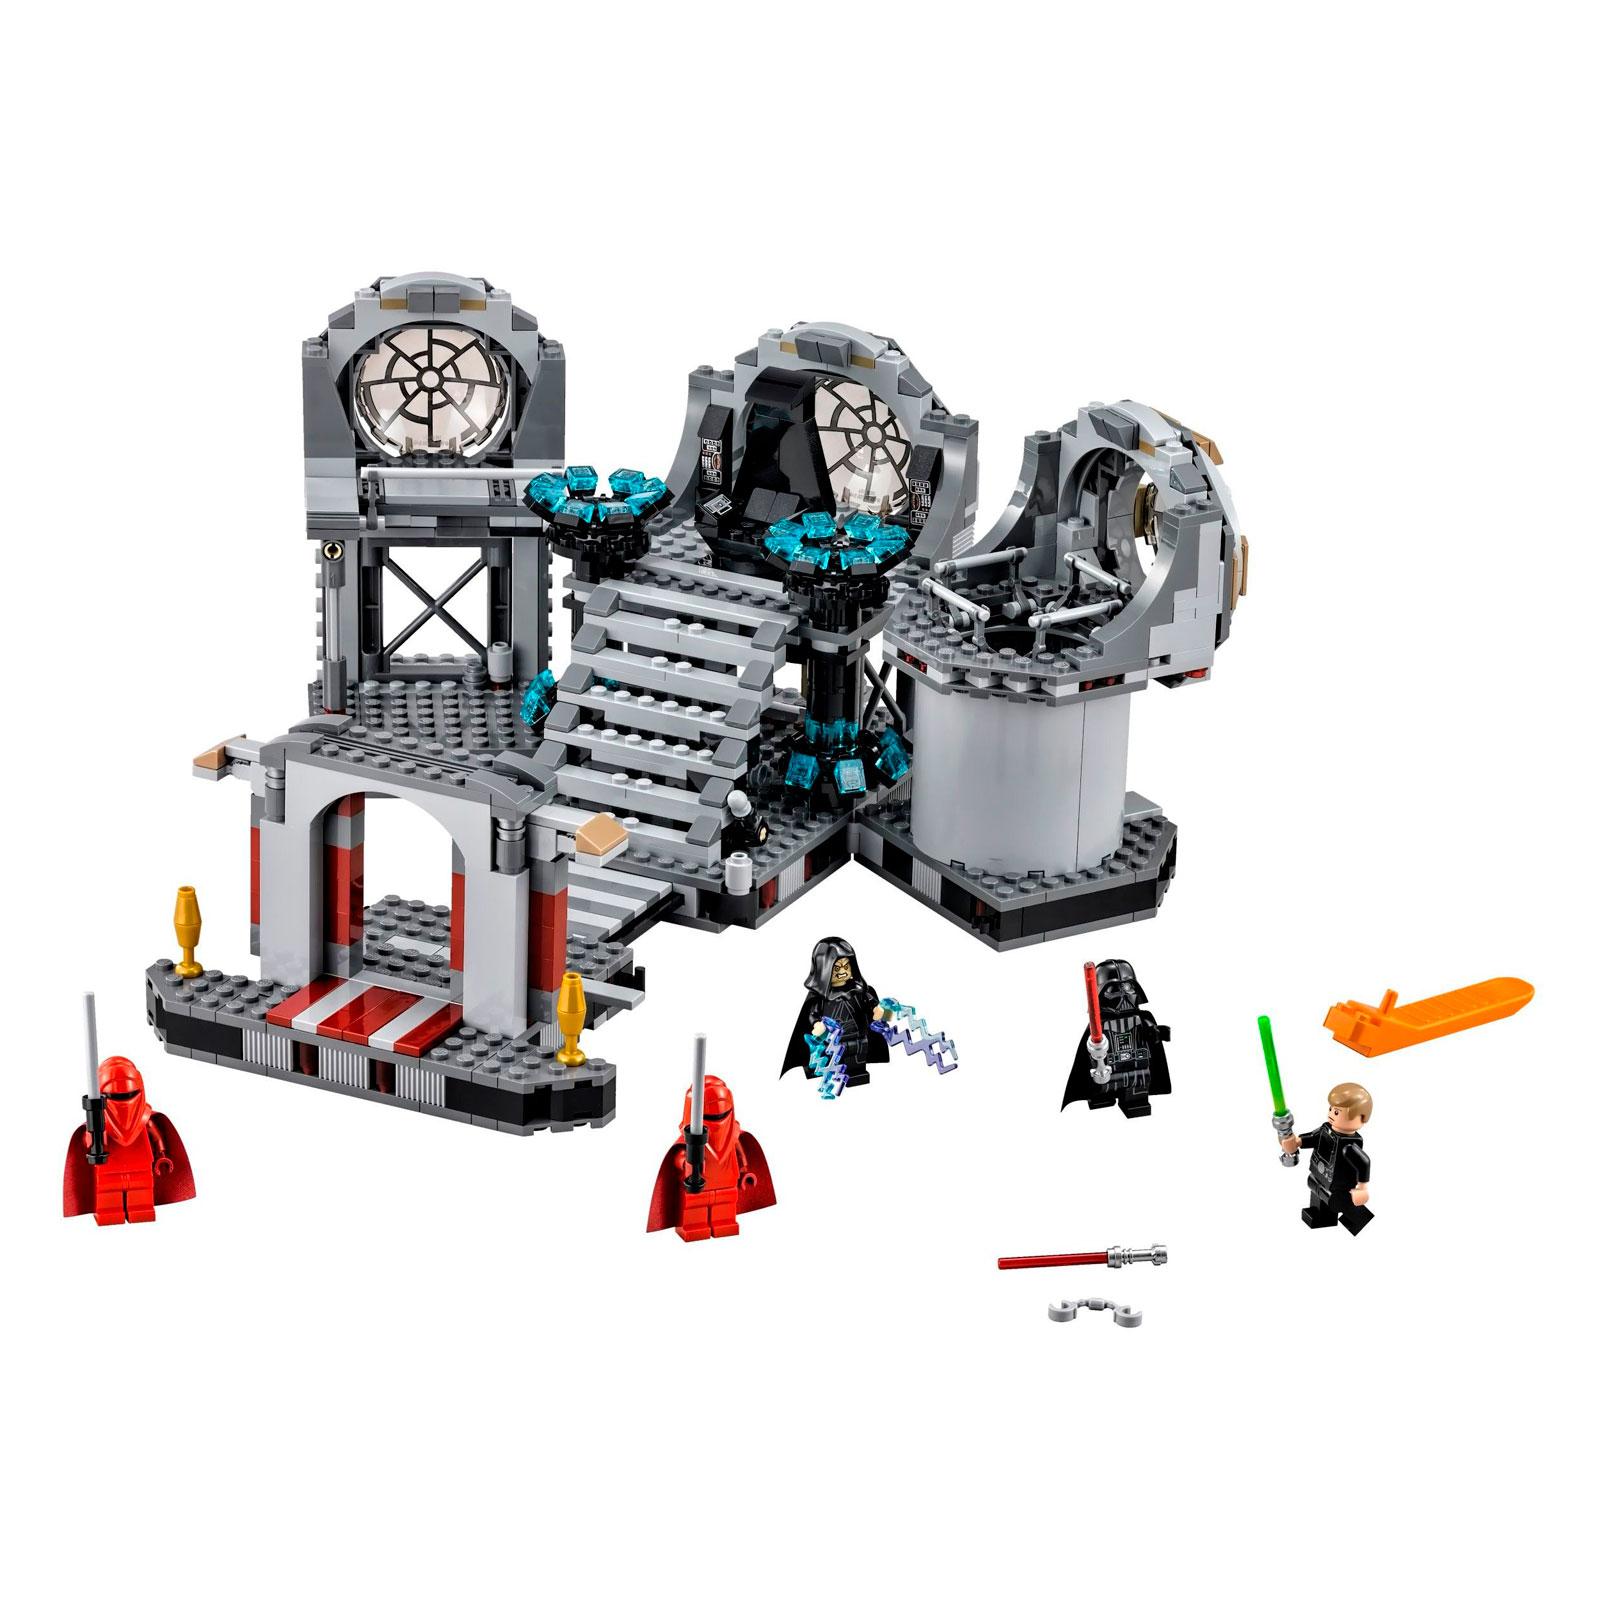 Конструктор LEGO Star Wars Звездные войны Звезда Смерти<br>